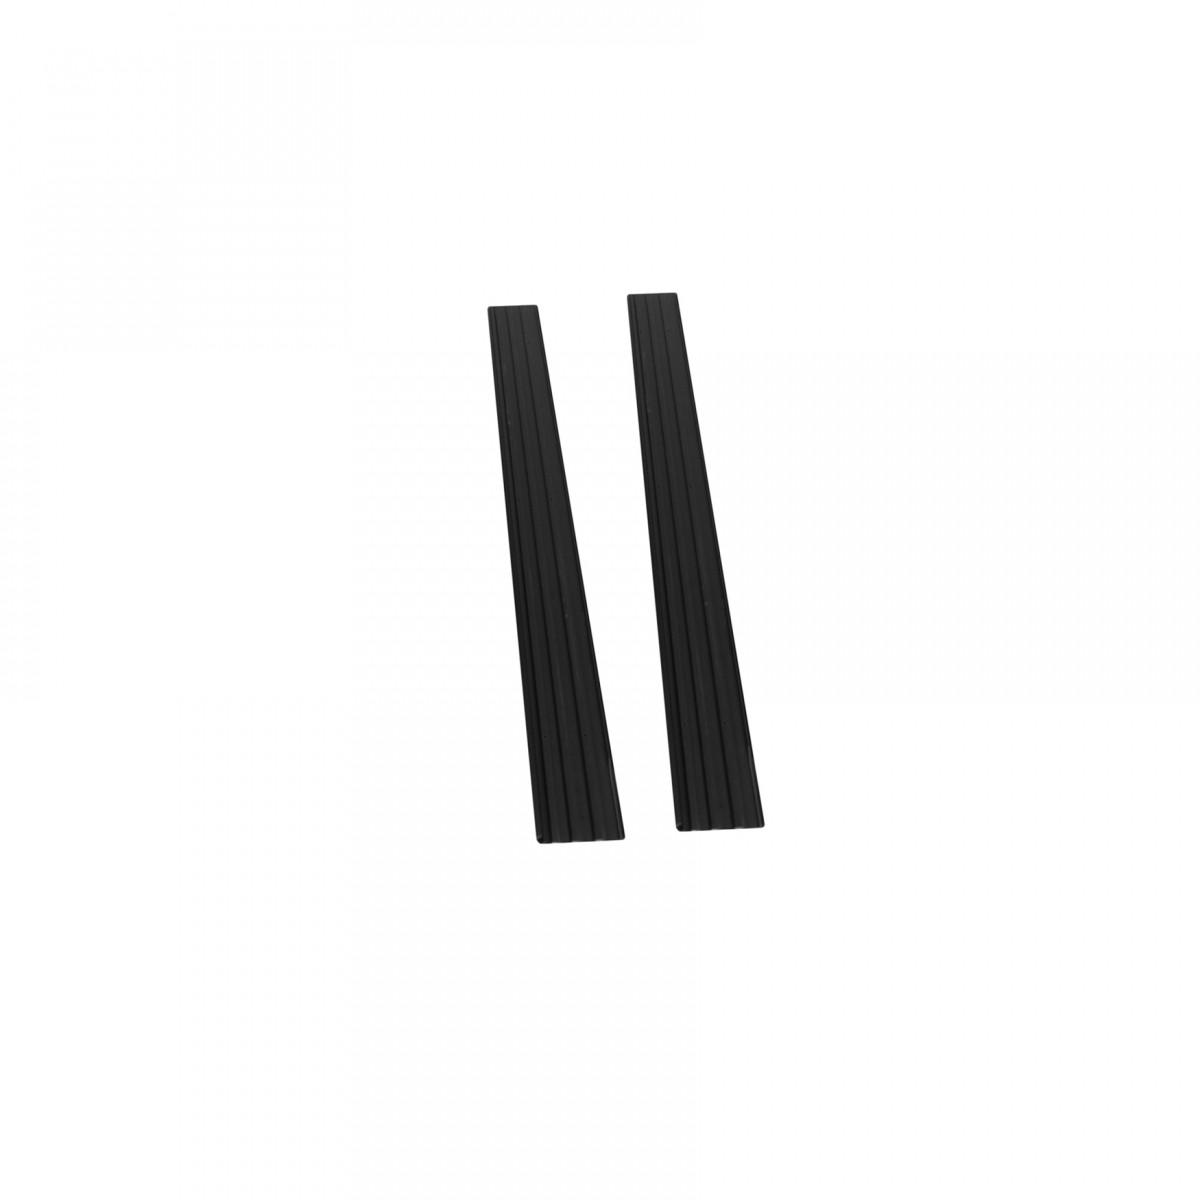 Estribo Lateral Direito e Esquerdo Esteira Para Movement Lx 160 G2